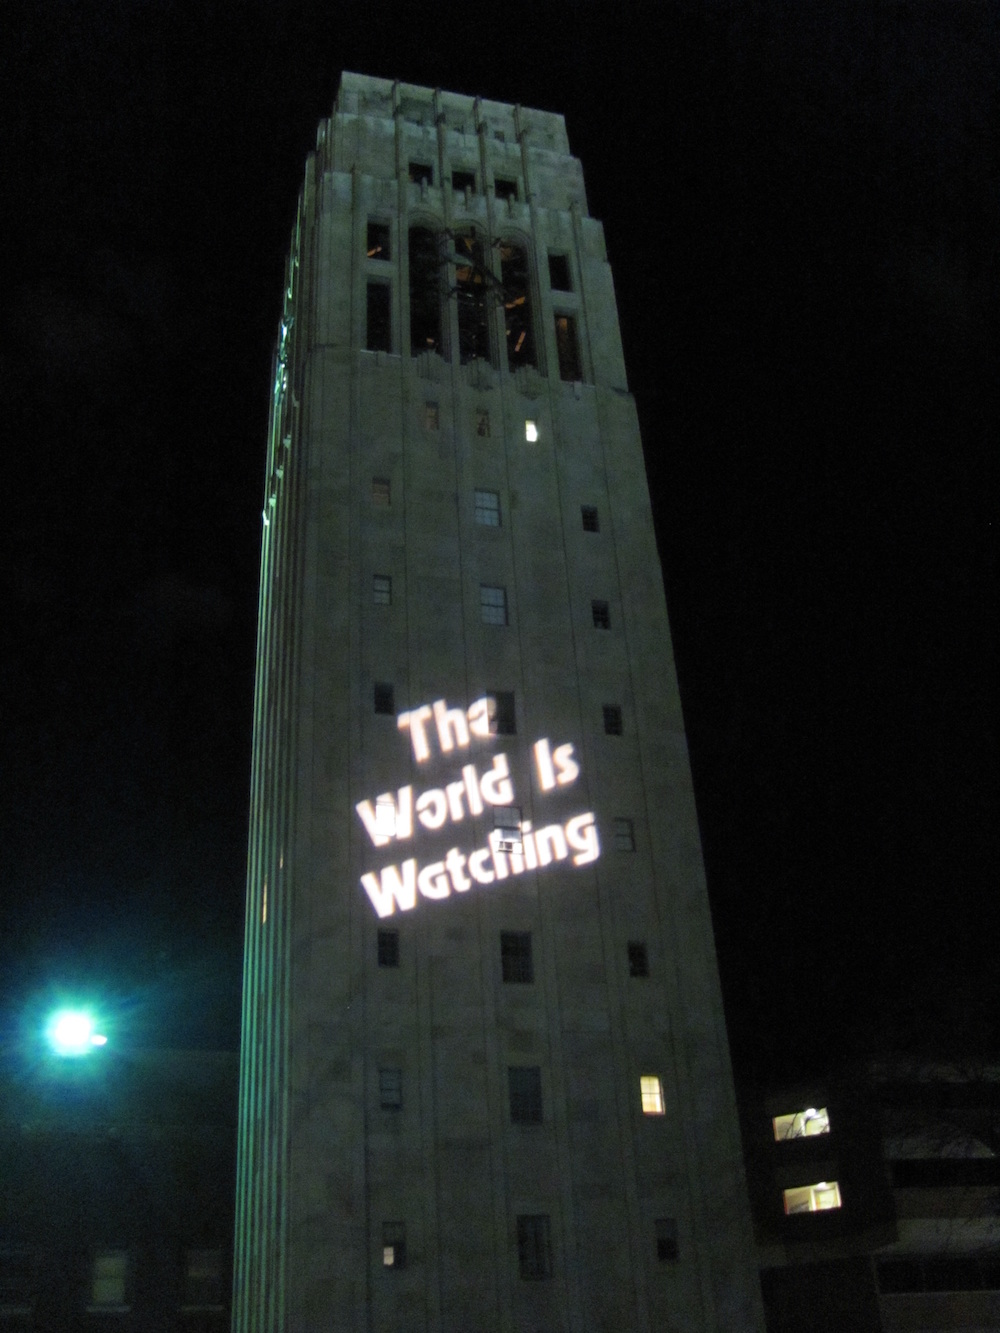 WorldIsWatchingClockTowerUnivMichSM.jpeg